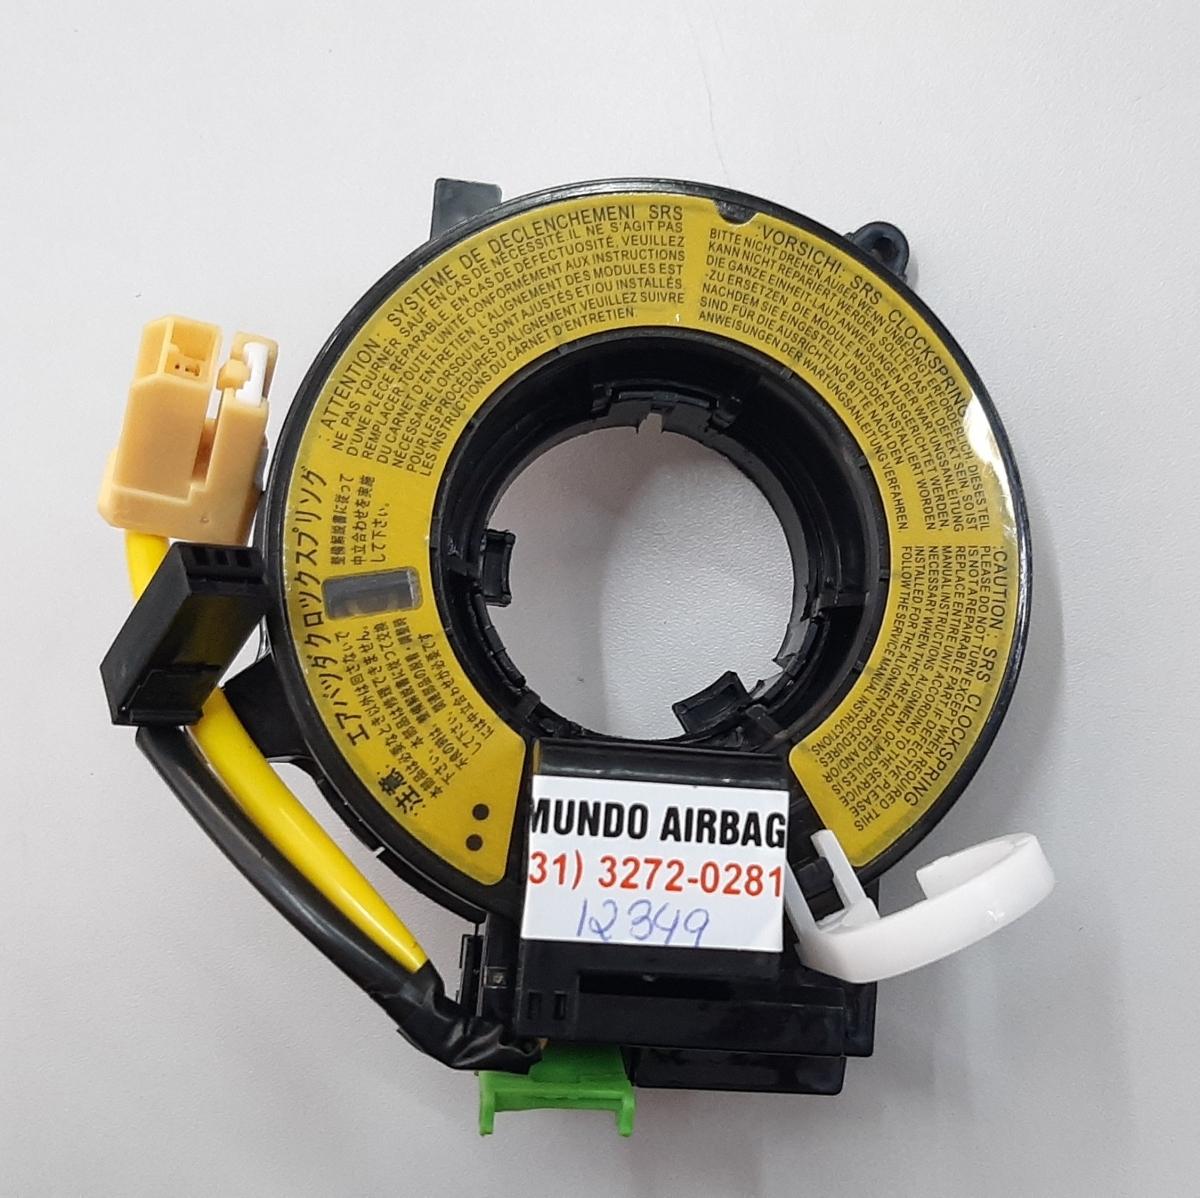 Fita Hard Disk Airbag L200_Airtrek_Lancer_Pajero - Foto 2